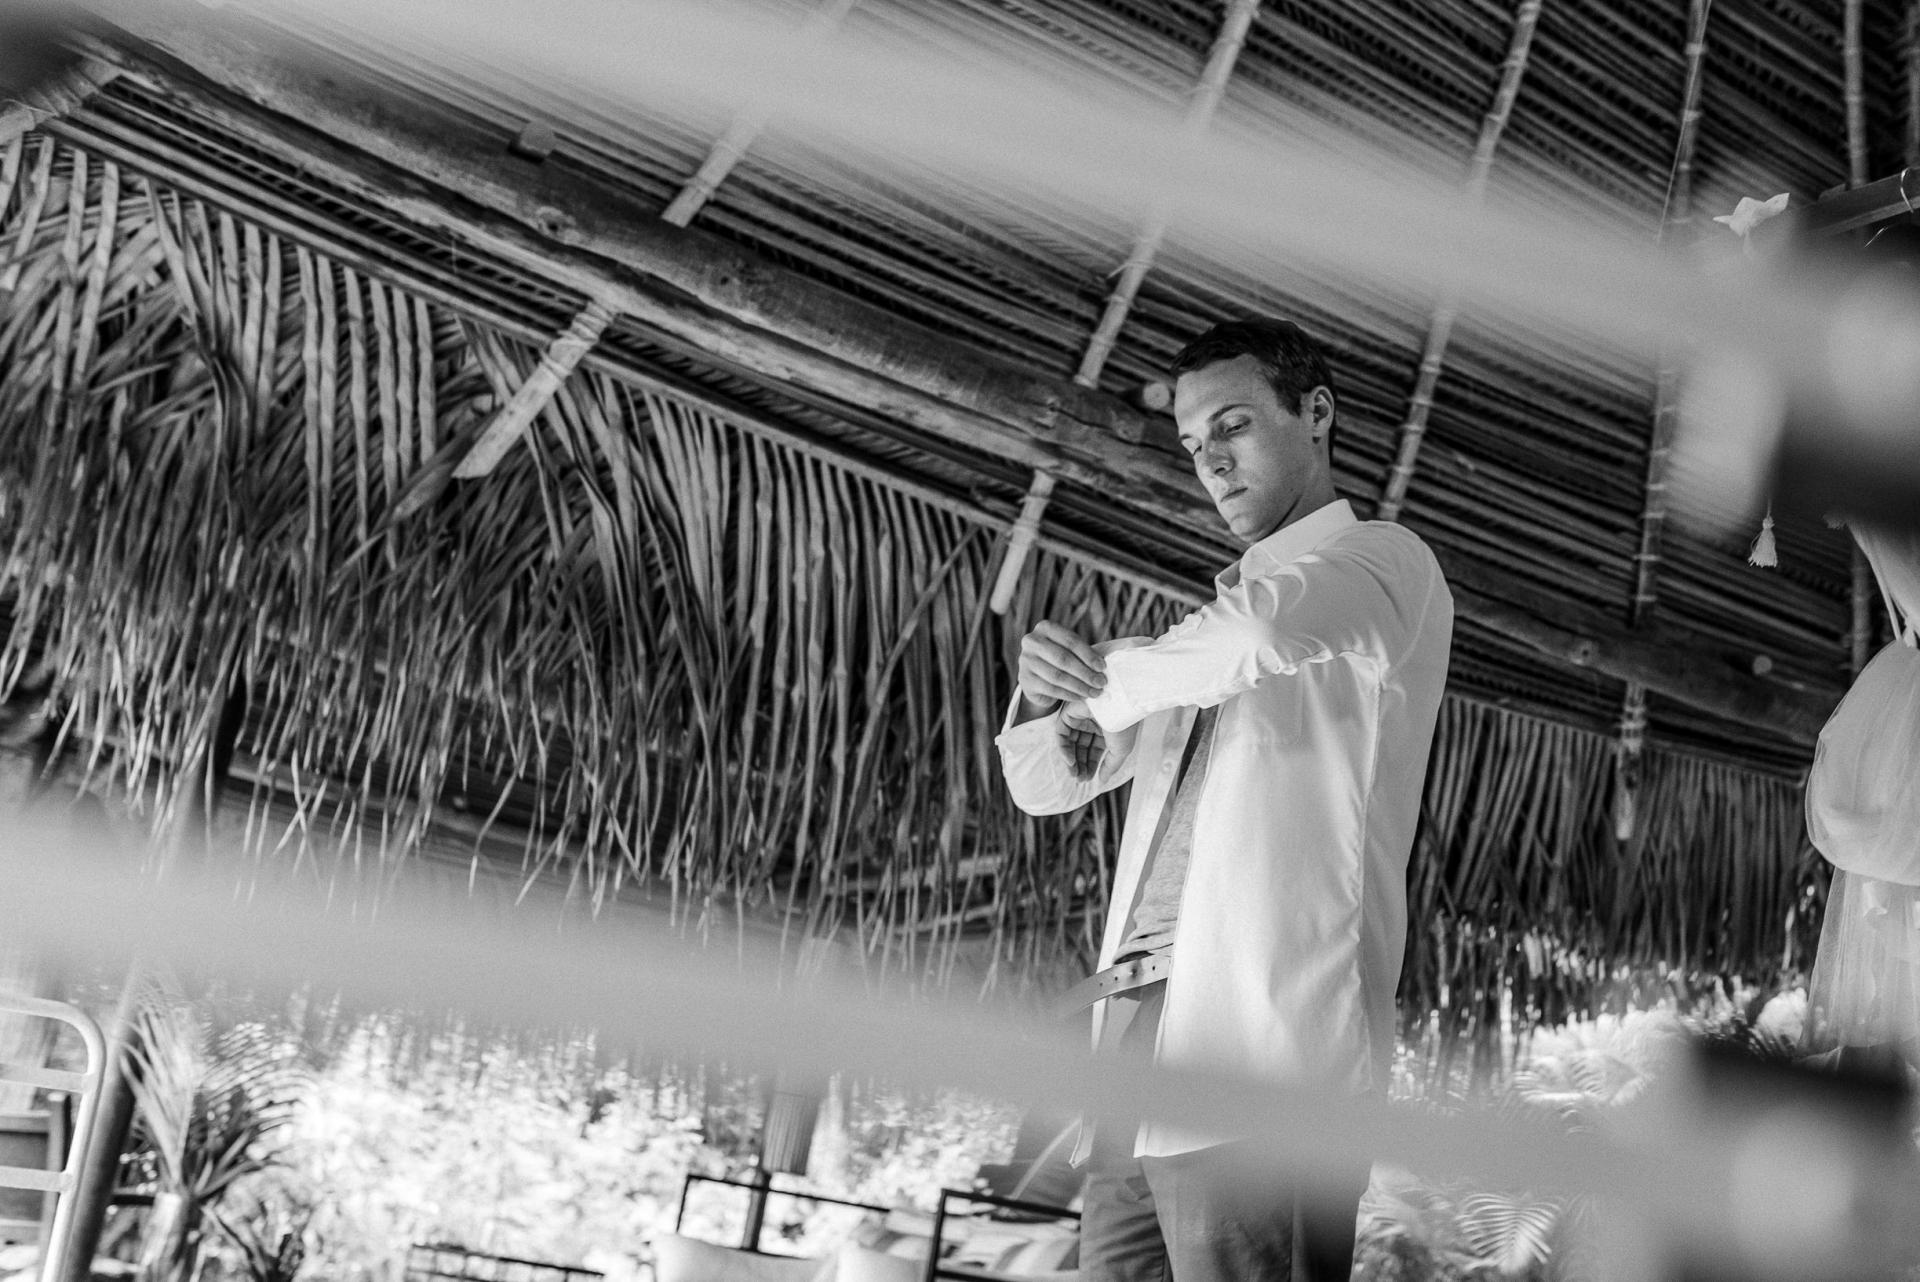 Verana Boutique Homes, Yelapa, Mexique Elopement Picture Story   le marié se prépare pour la cérémonie, en ajustant soigneusement une manche dans son bungalow en bord de mer à Verana Boutique Homes, Yelapa, Mexique